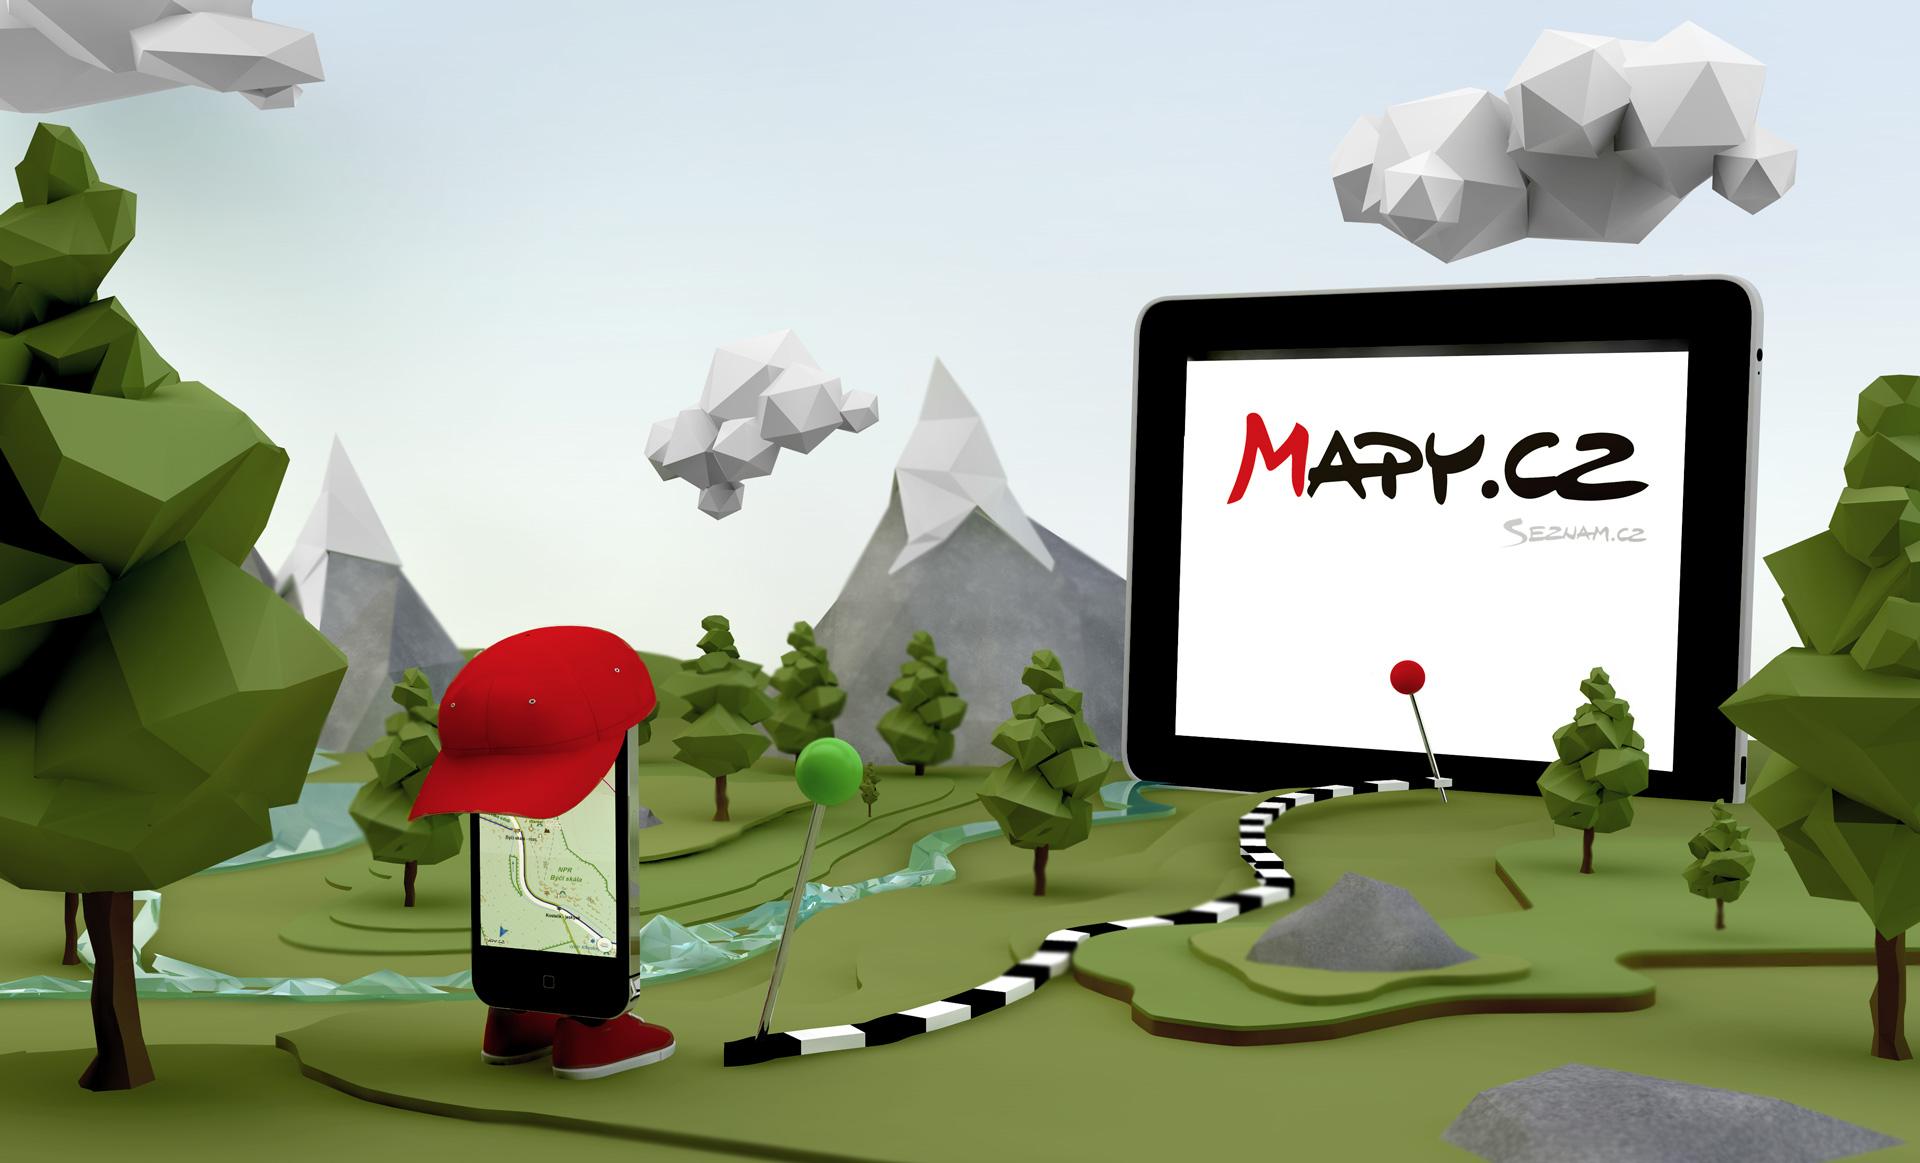 Vizuál aplikace Mapy.cz